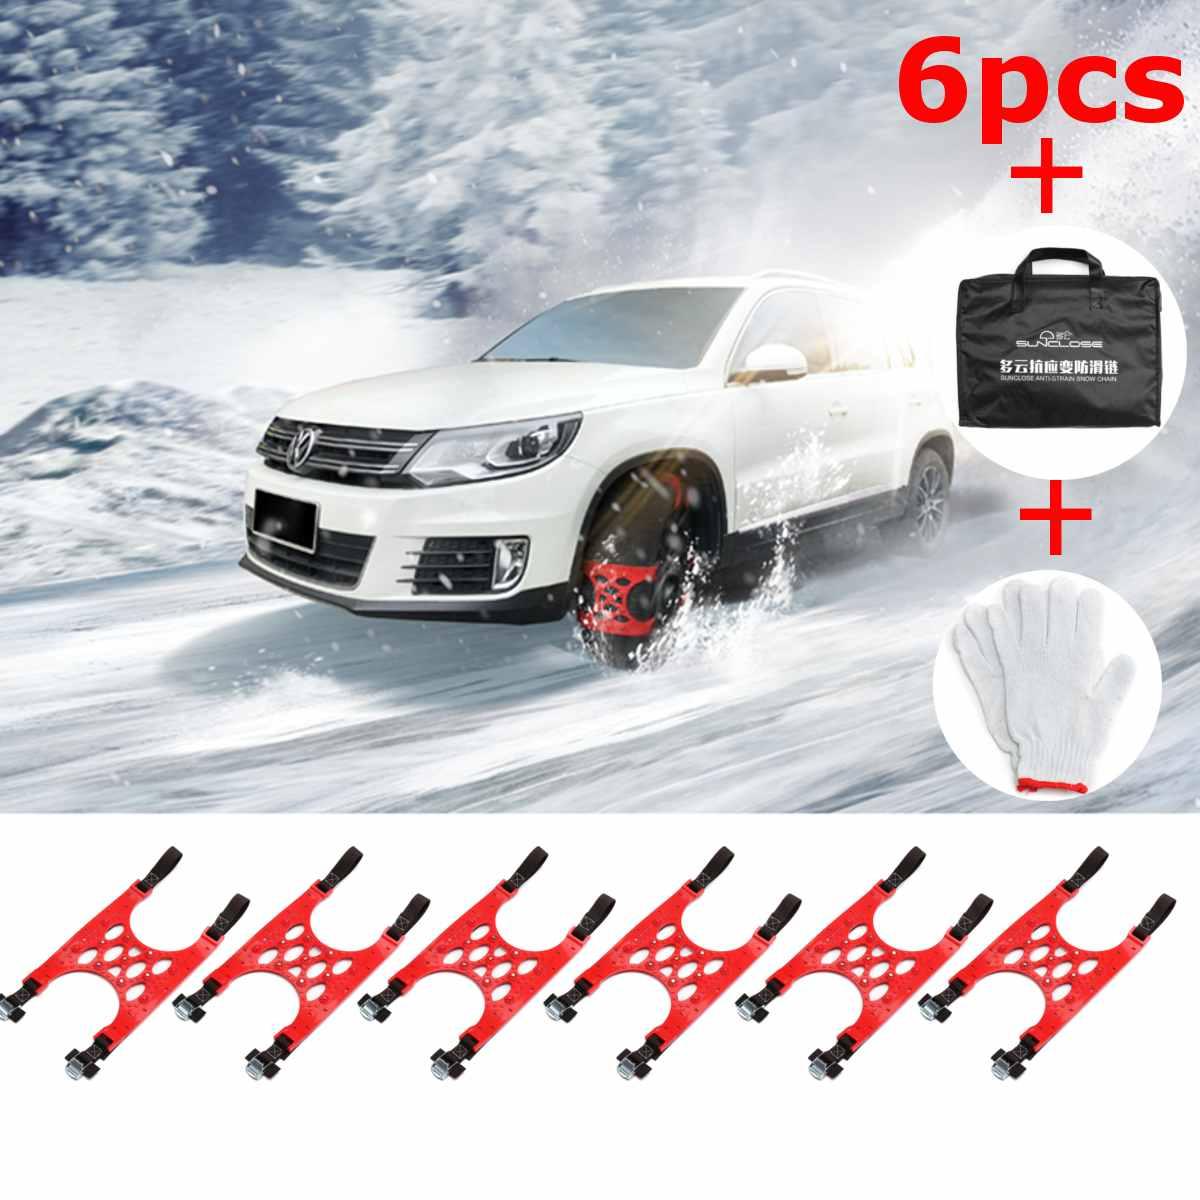 Universel 6 pièces anti-dérapant pneu neige chaînes hiver neige boue chaussée roue Fit pour voiture SUV Auto voiture accessoires pneu chaînes gants